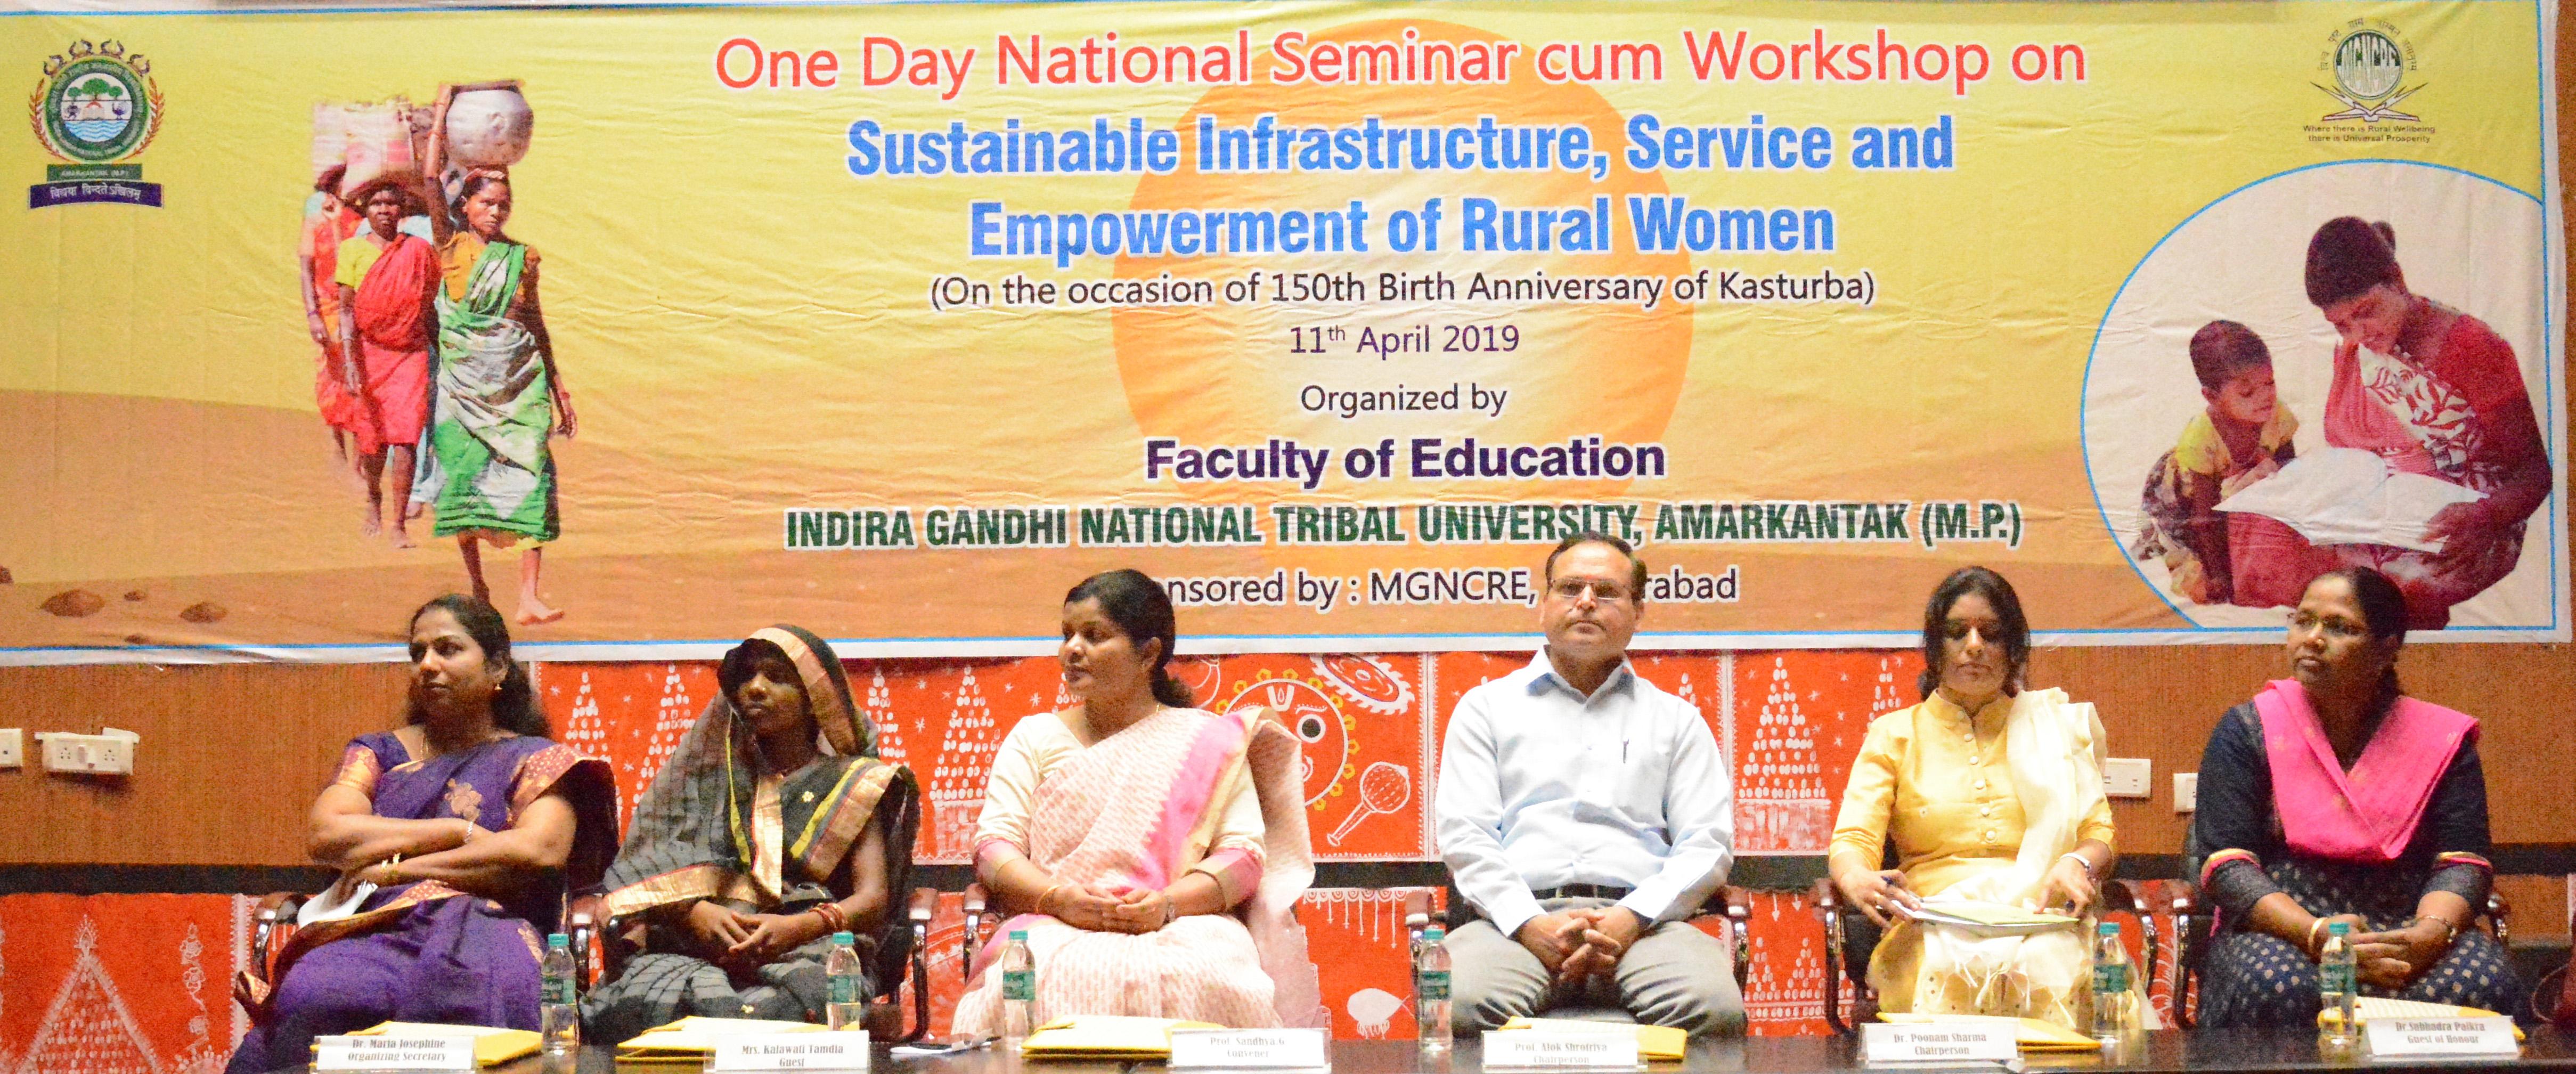 क्षेत्रीय विकास में अहम योगदान दे सकती हैं ग्रामीण महिलाएं